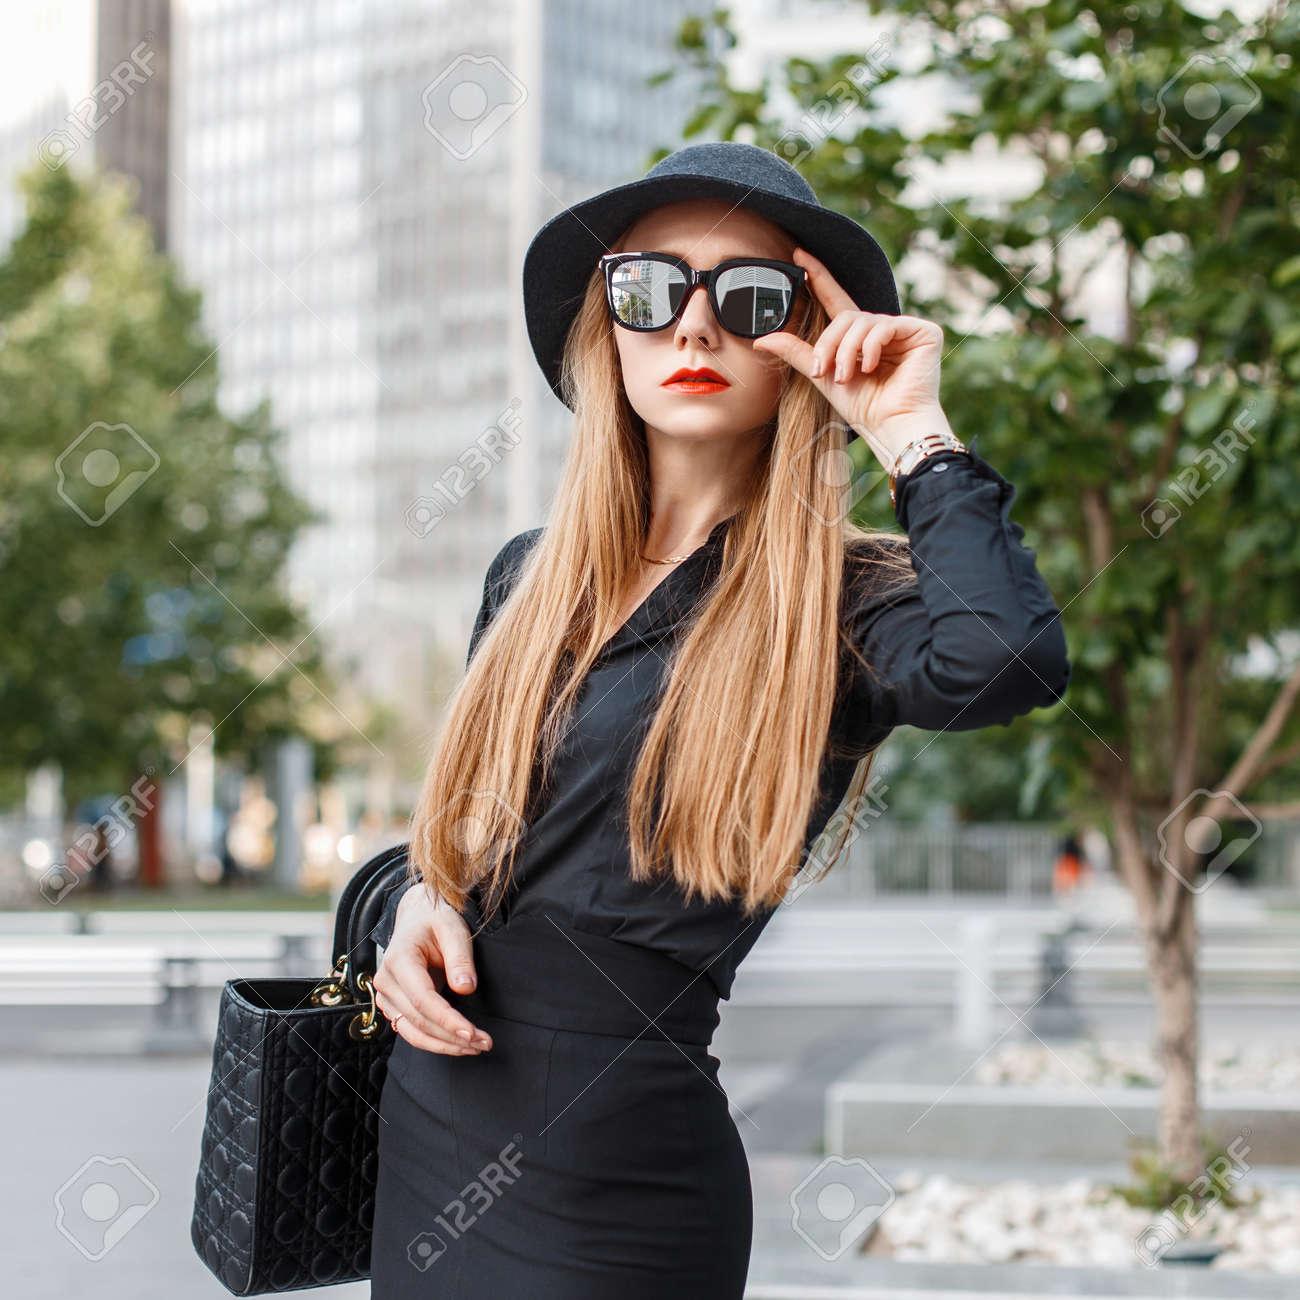 wholesale dealer 54f1d ace5b Bella ragazza alla moda in abiti neri con occhiali da sole e un cappello  sullo sfondo della città. Il concetto di una donna d'affari di successo.